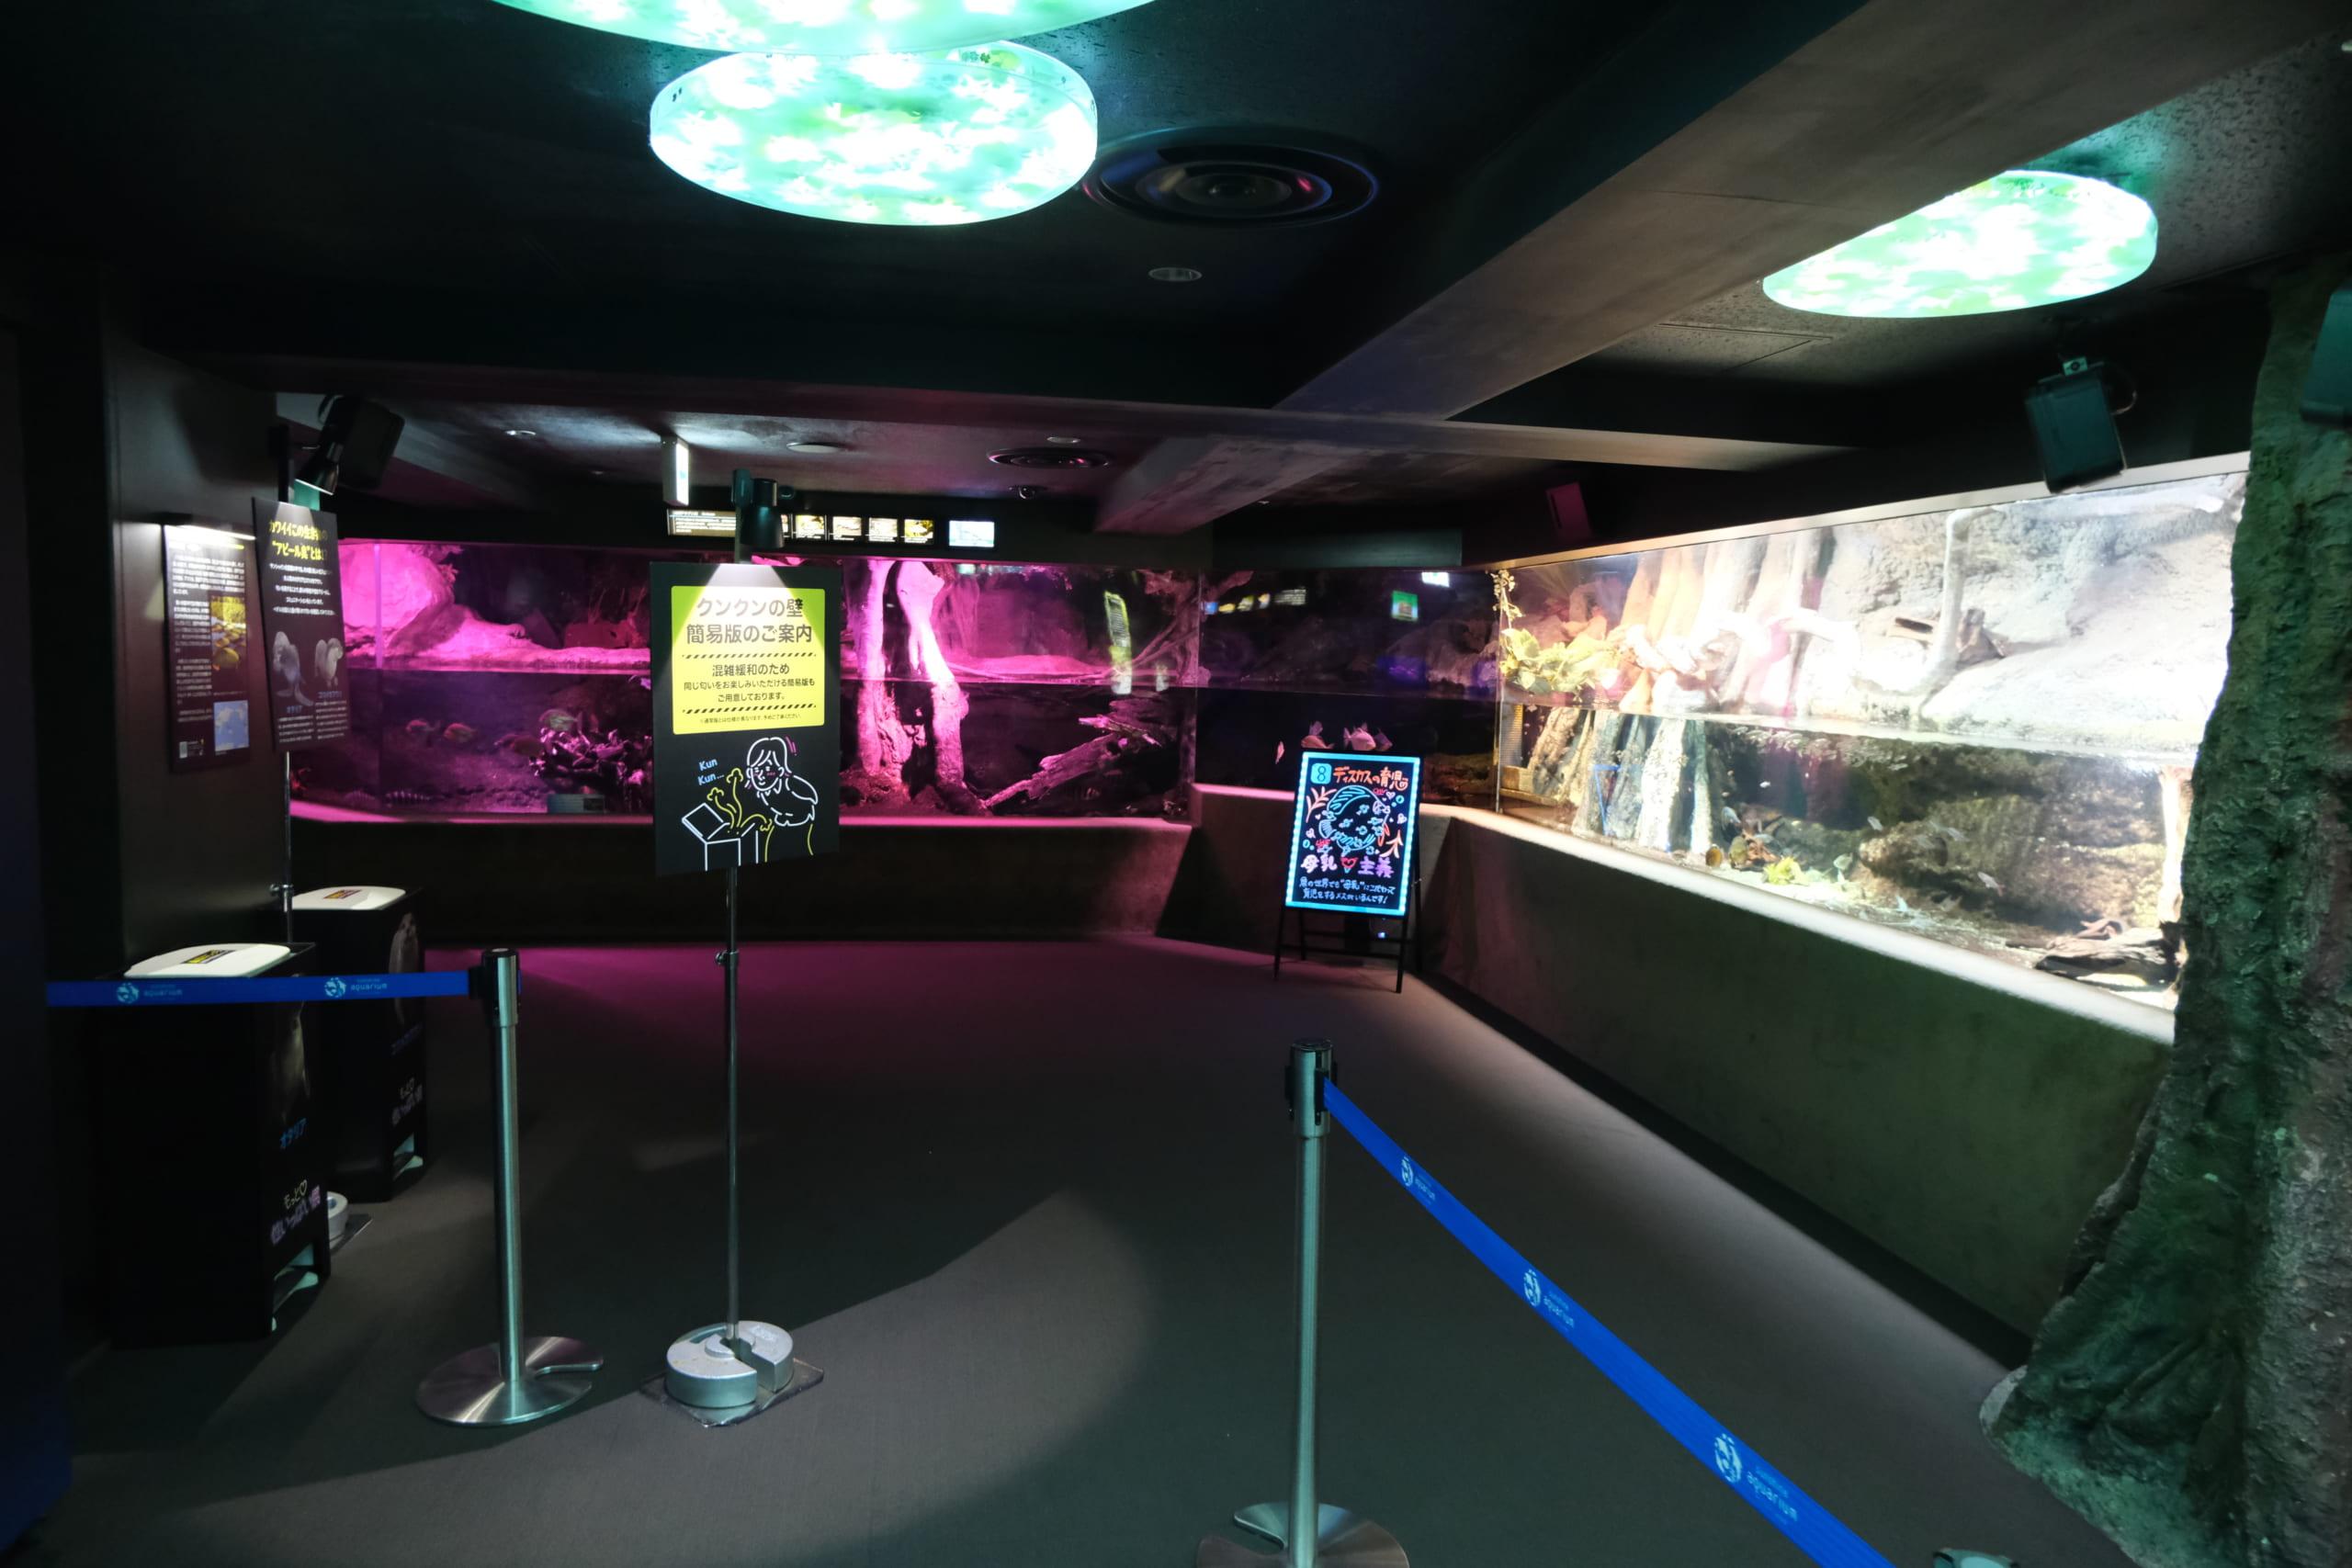 夜のサンシャイン水族館「もっと性いっぱい展」に行ってきました。真っピンク空間にドキドキ…の画像 14/21